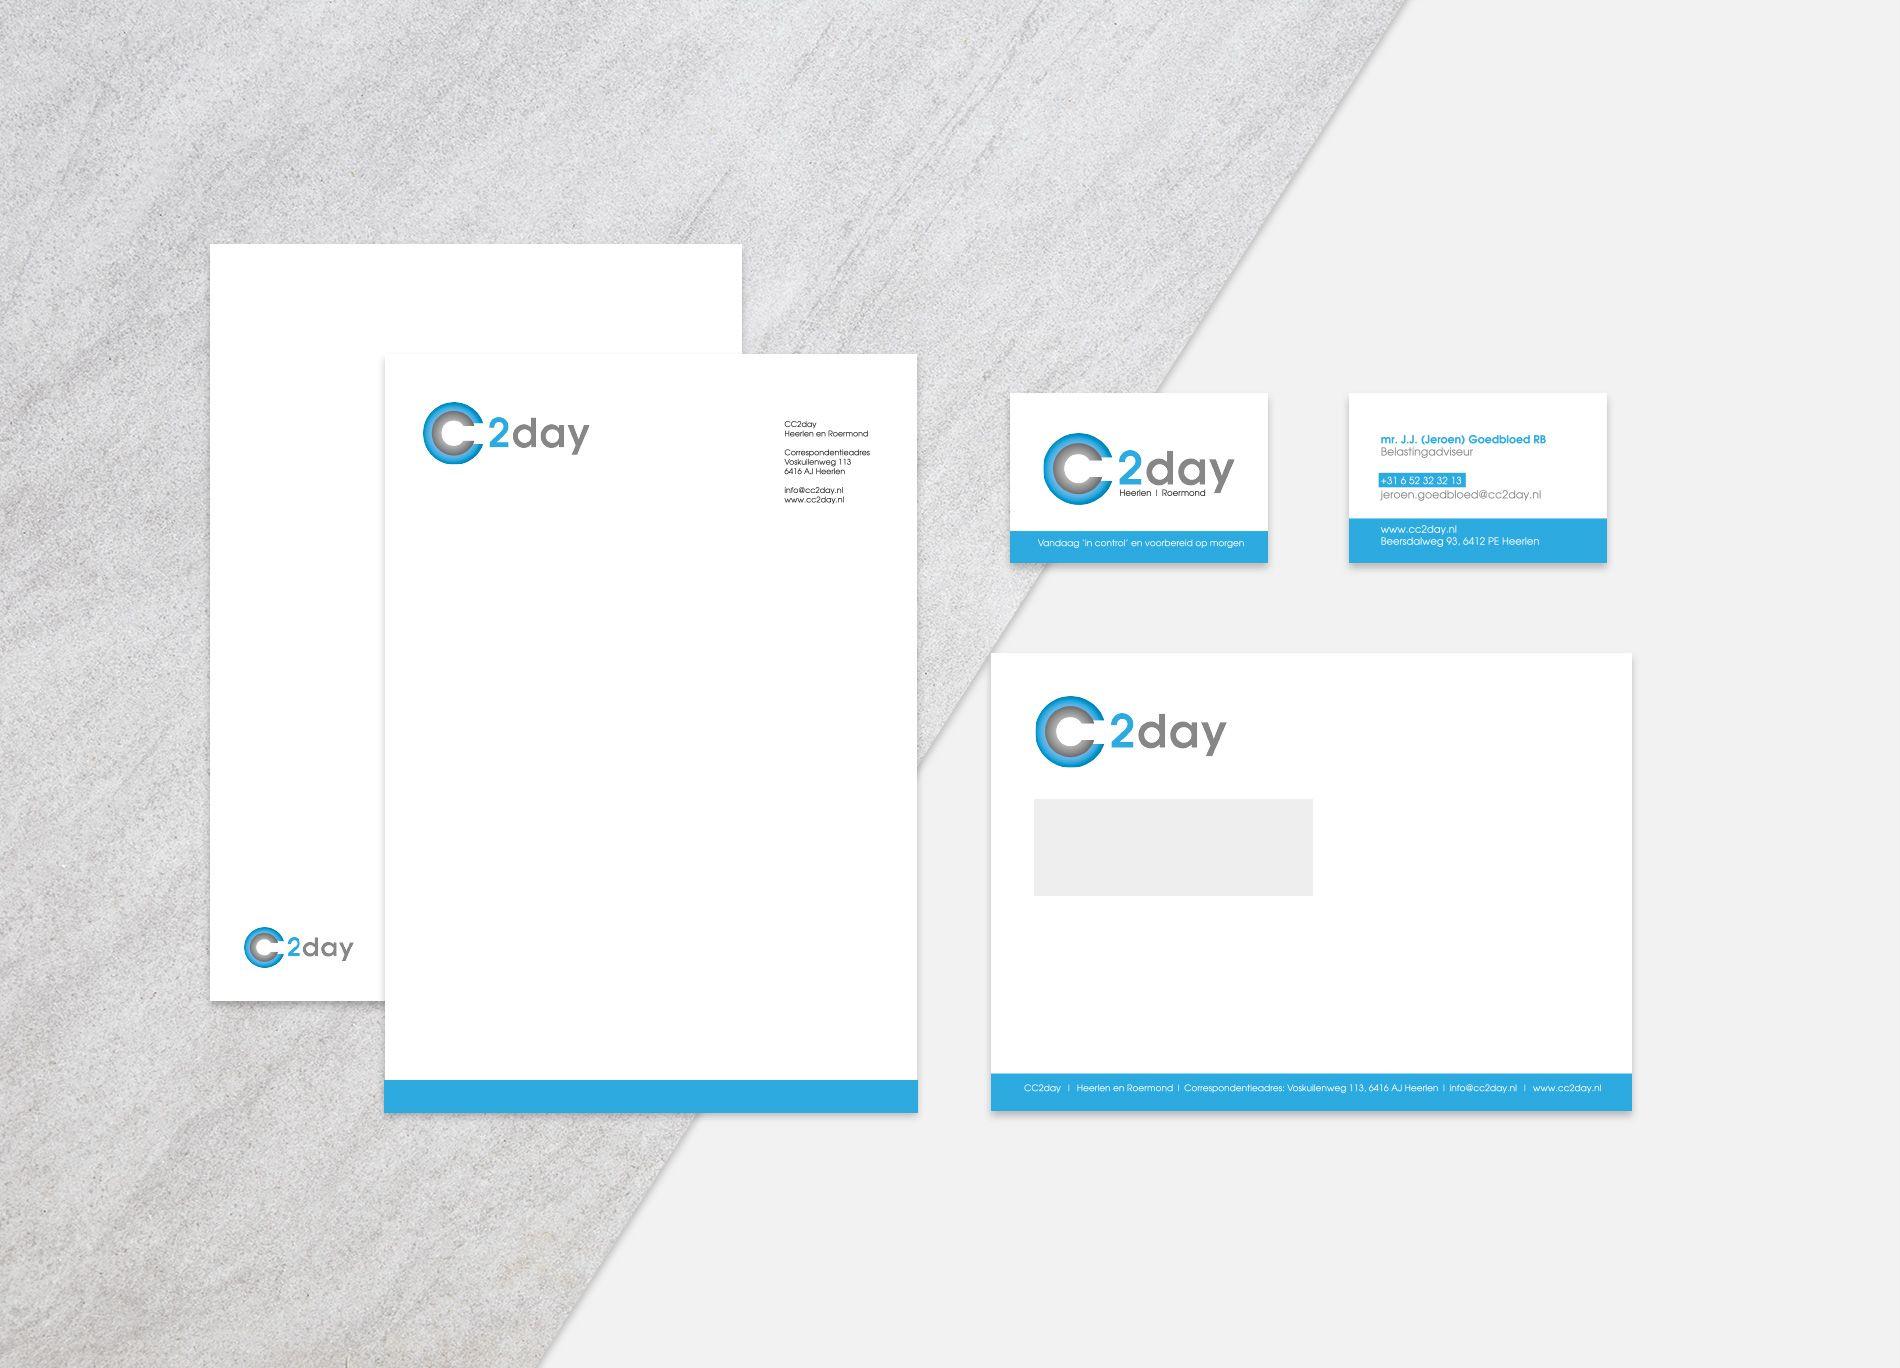 Huisstijl, branding, grafische vormgeving, webdesign, logo, ontwerp ...